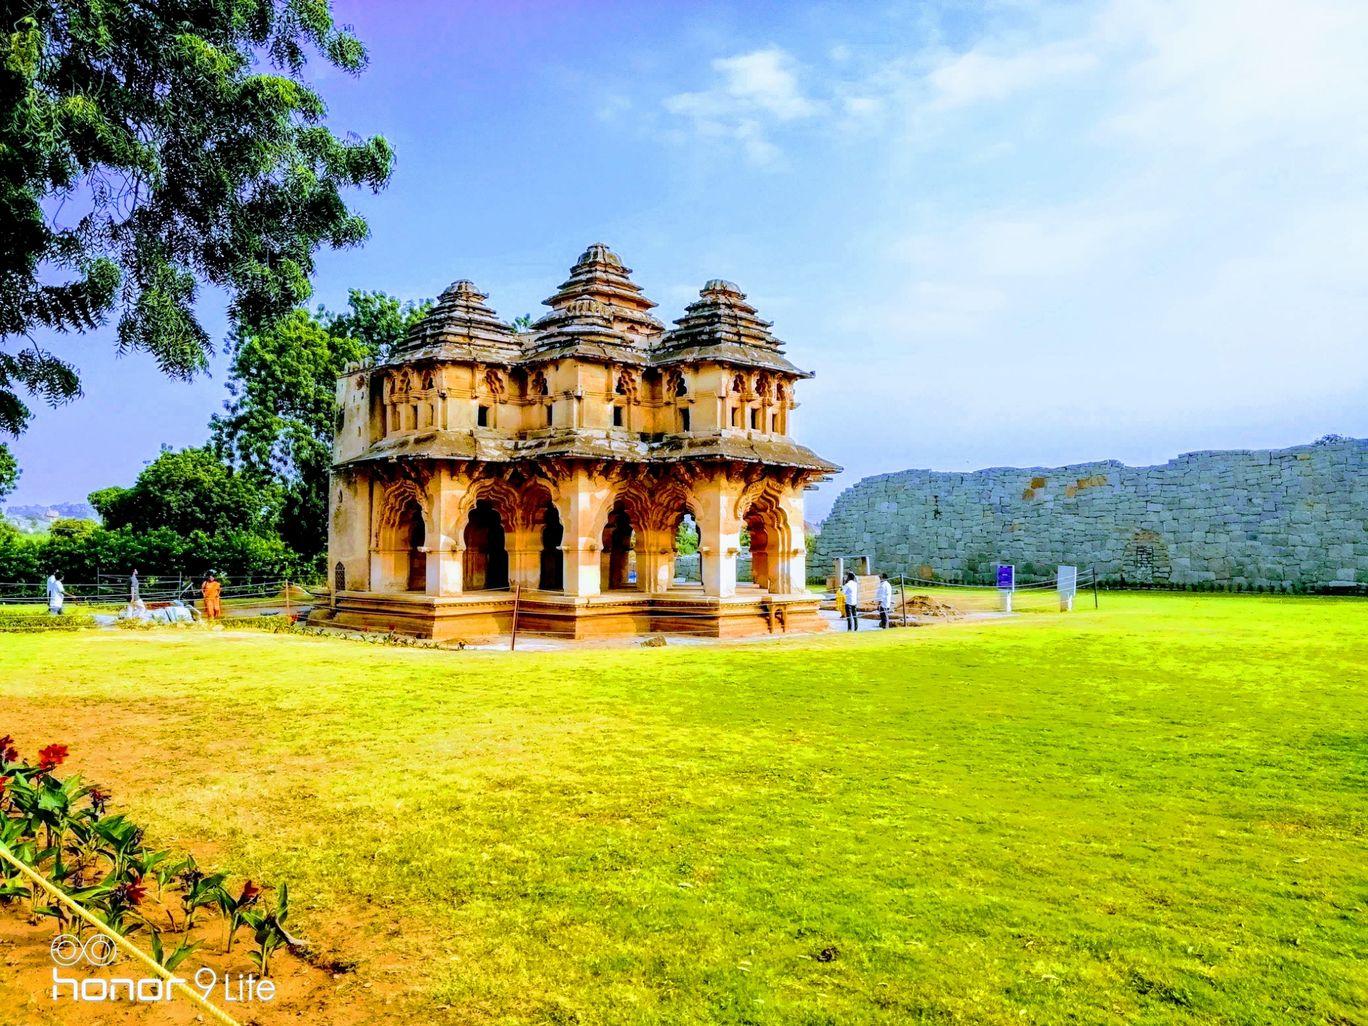 Photo of Hampi By Rajendra Karbari